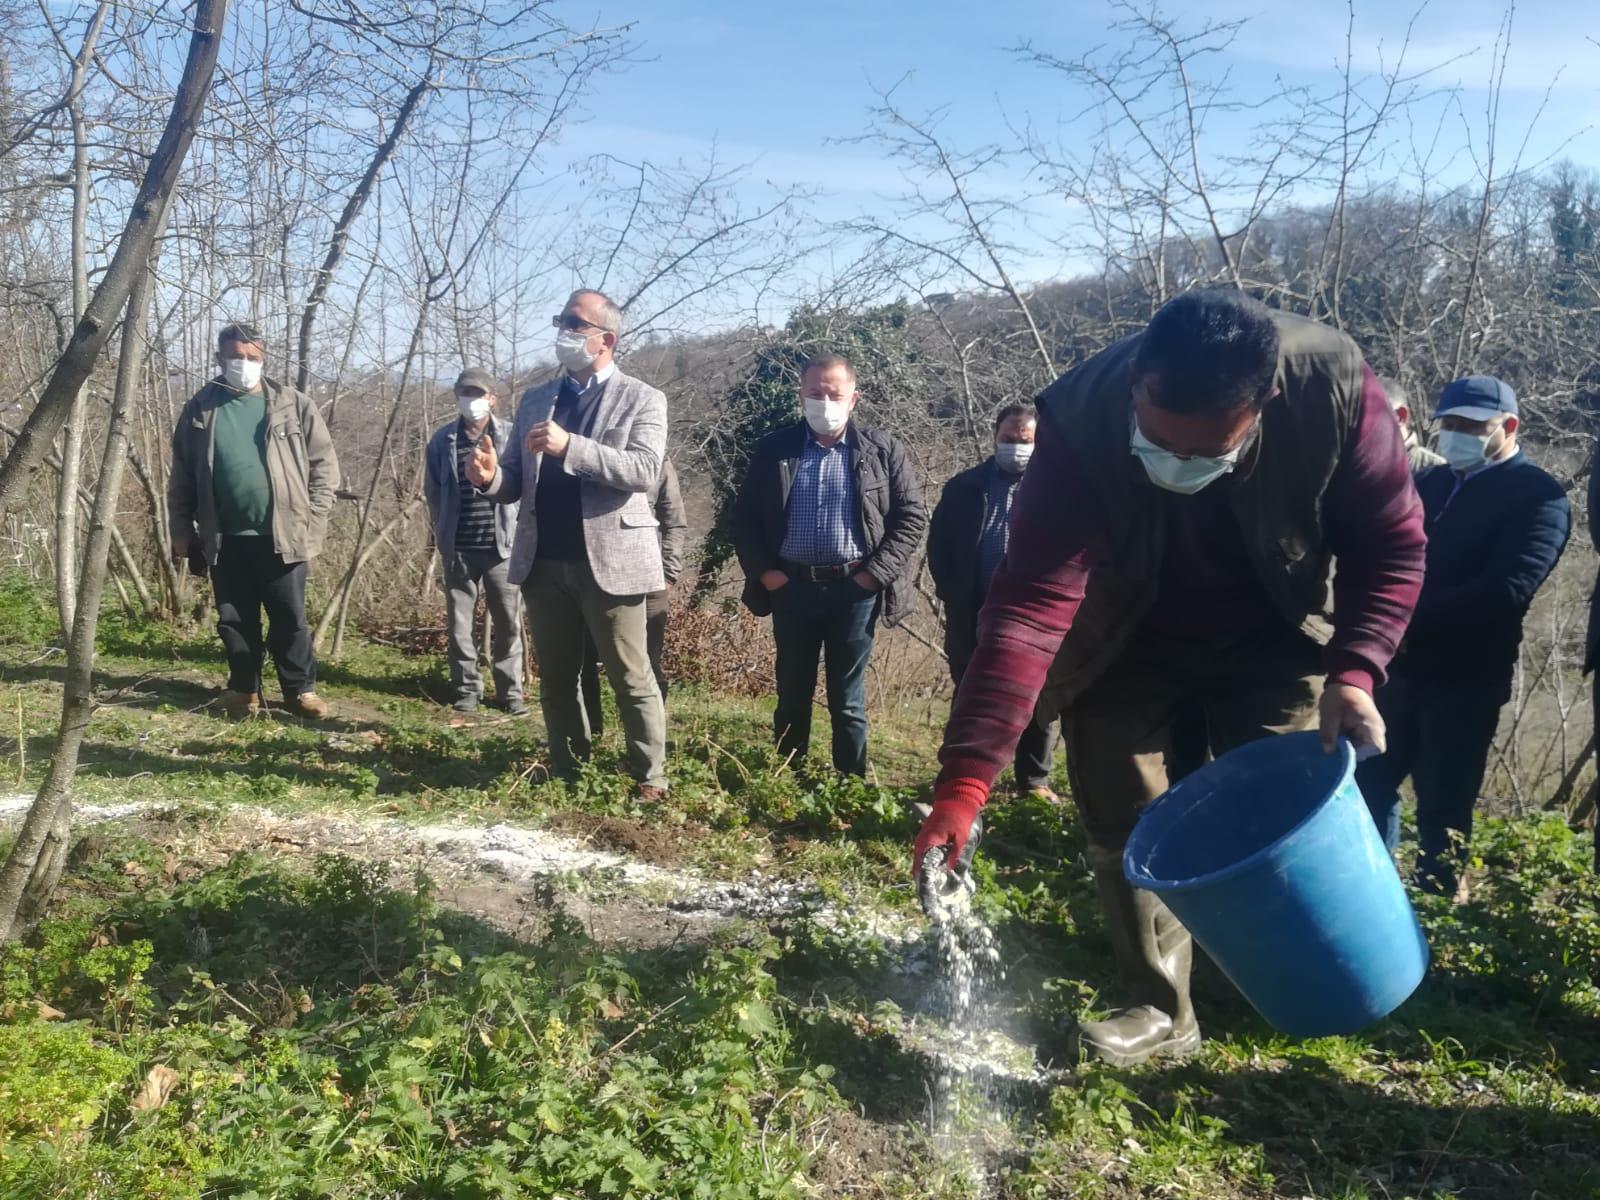 Organik Fındık Tarım Okulu'nda Fındık Yetiştiriciliği Eğitimi Verildi